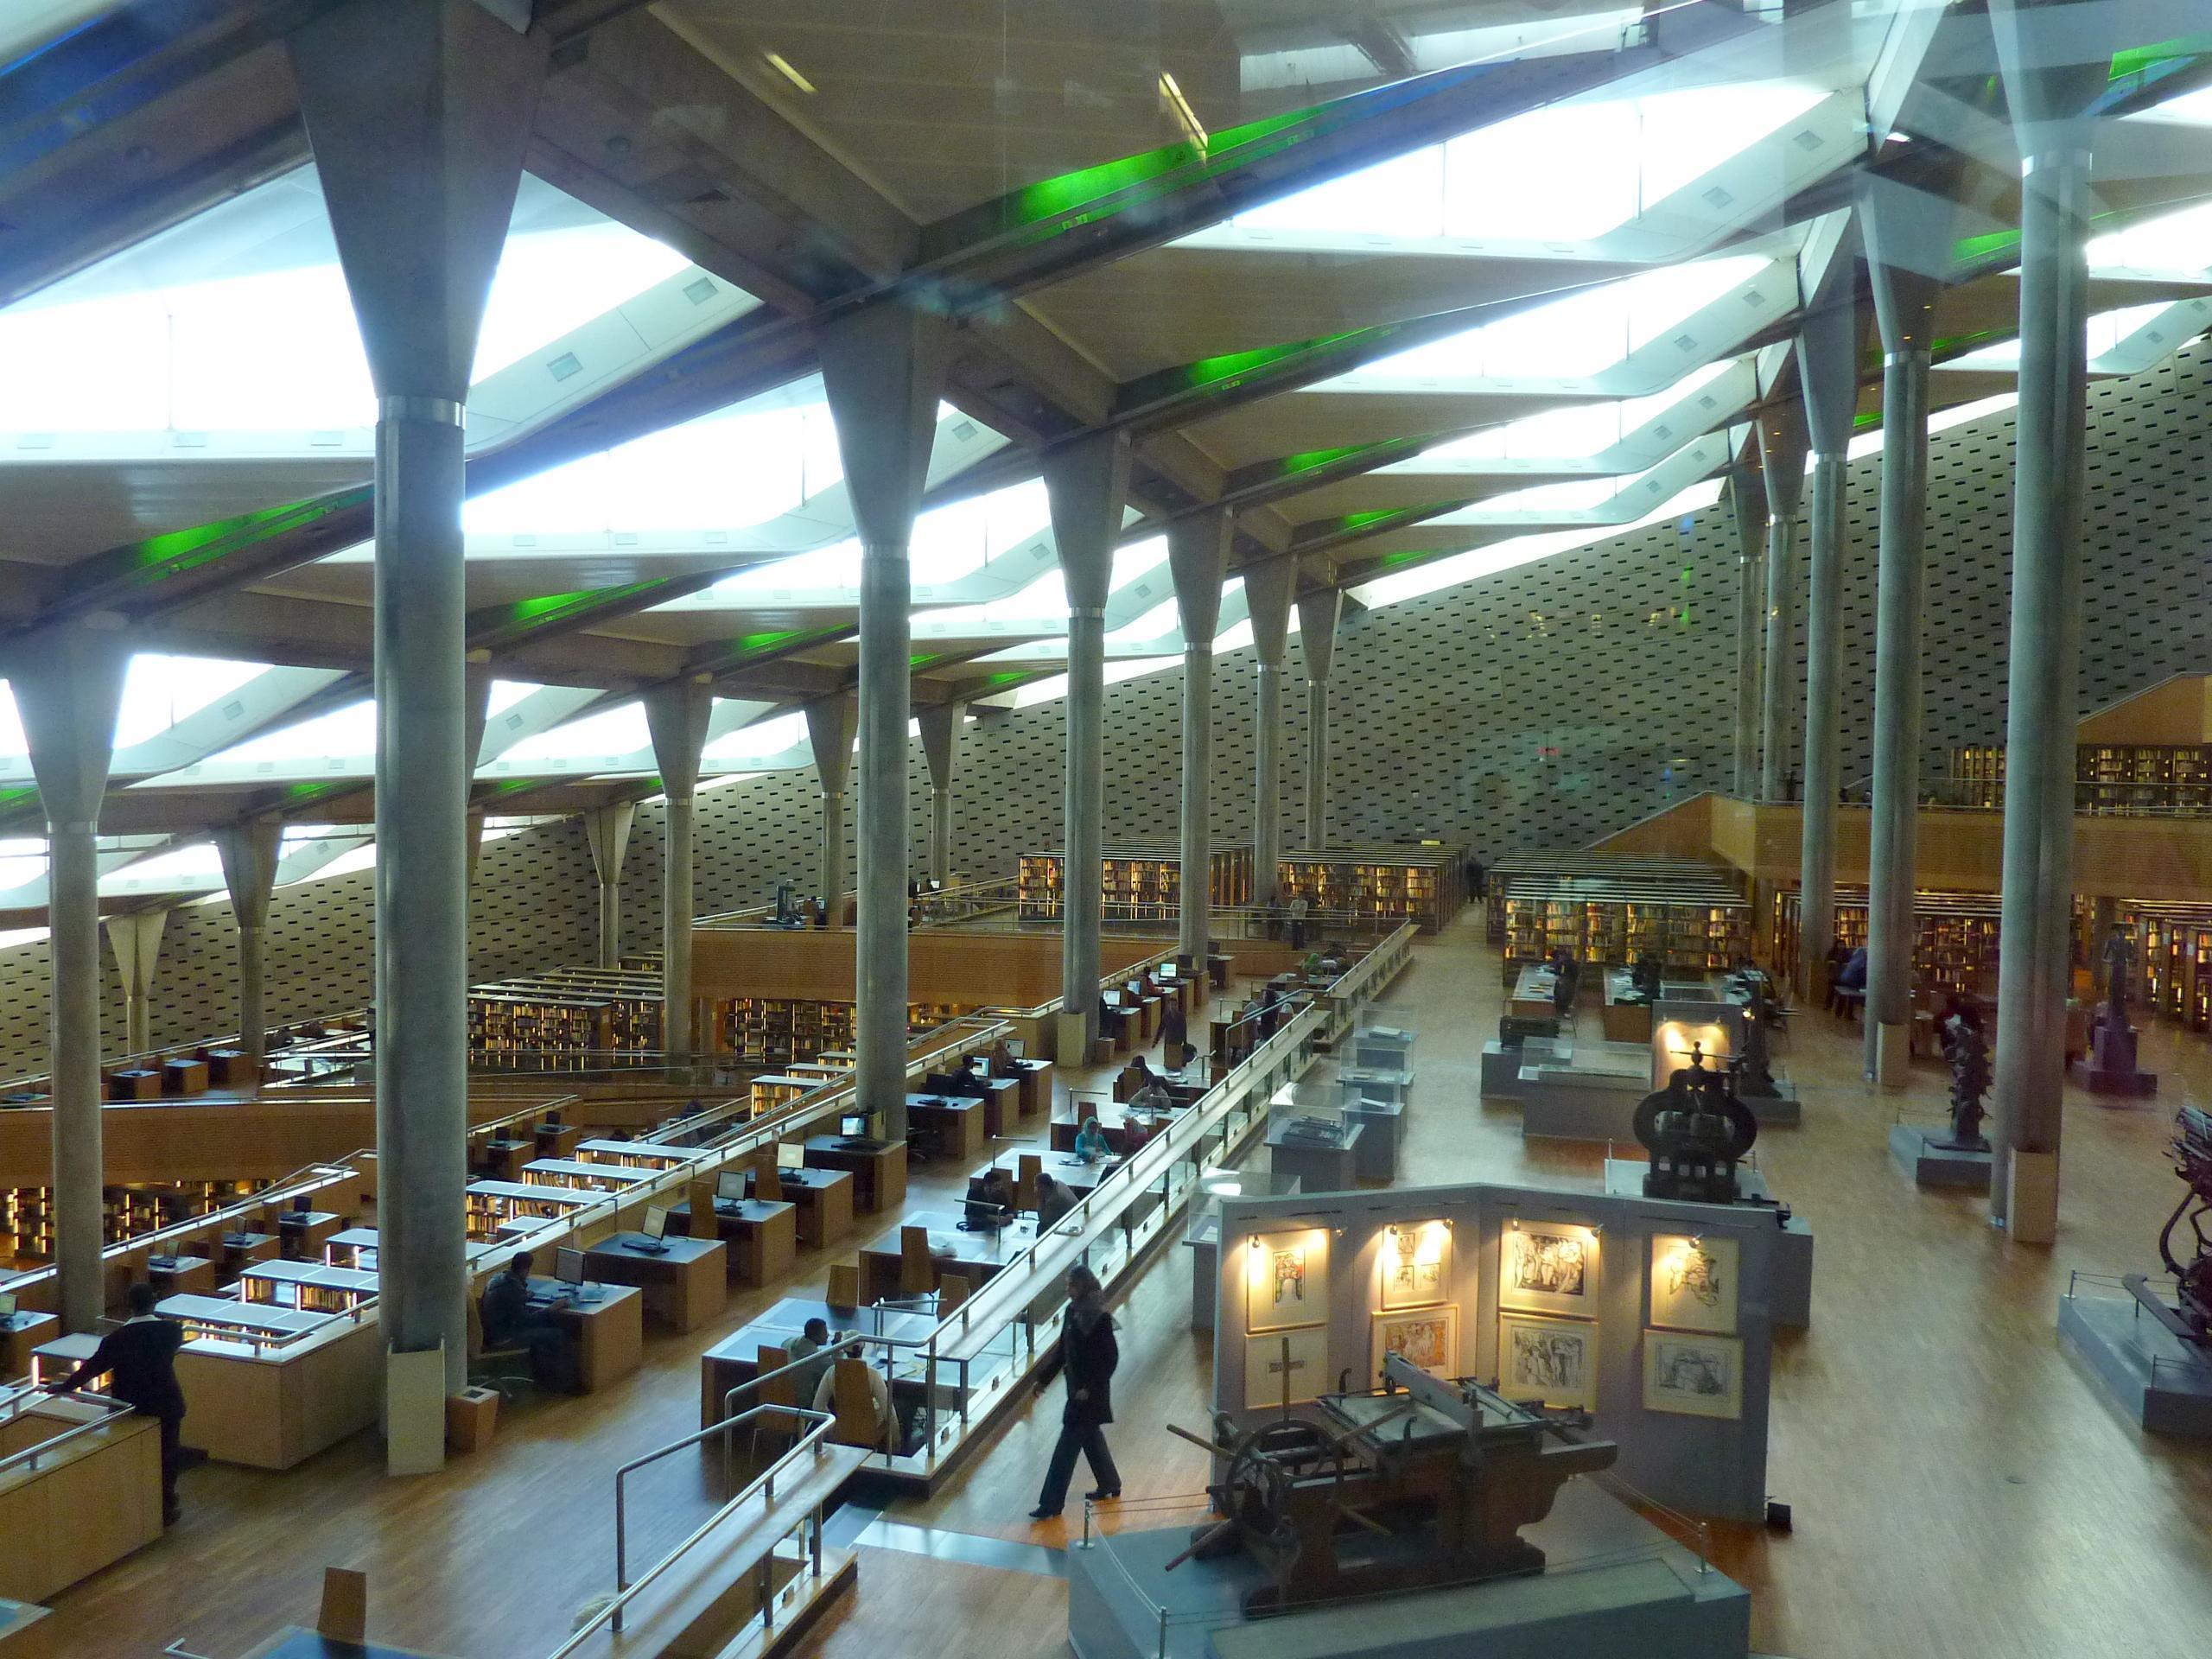 أفضل أنشطة في مكتبة الاسكندرية مصر